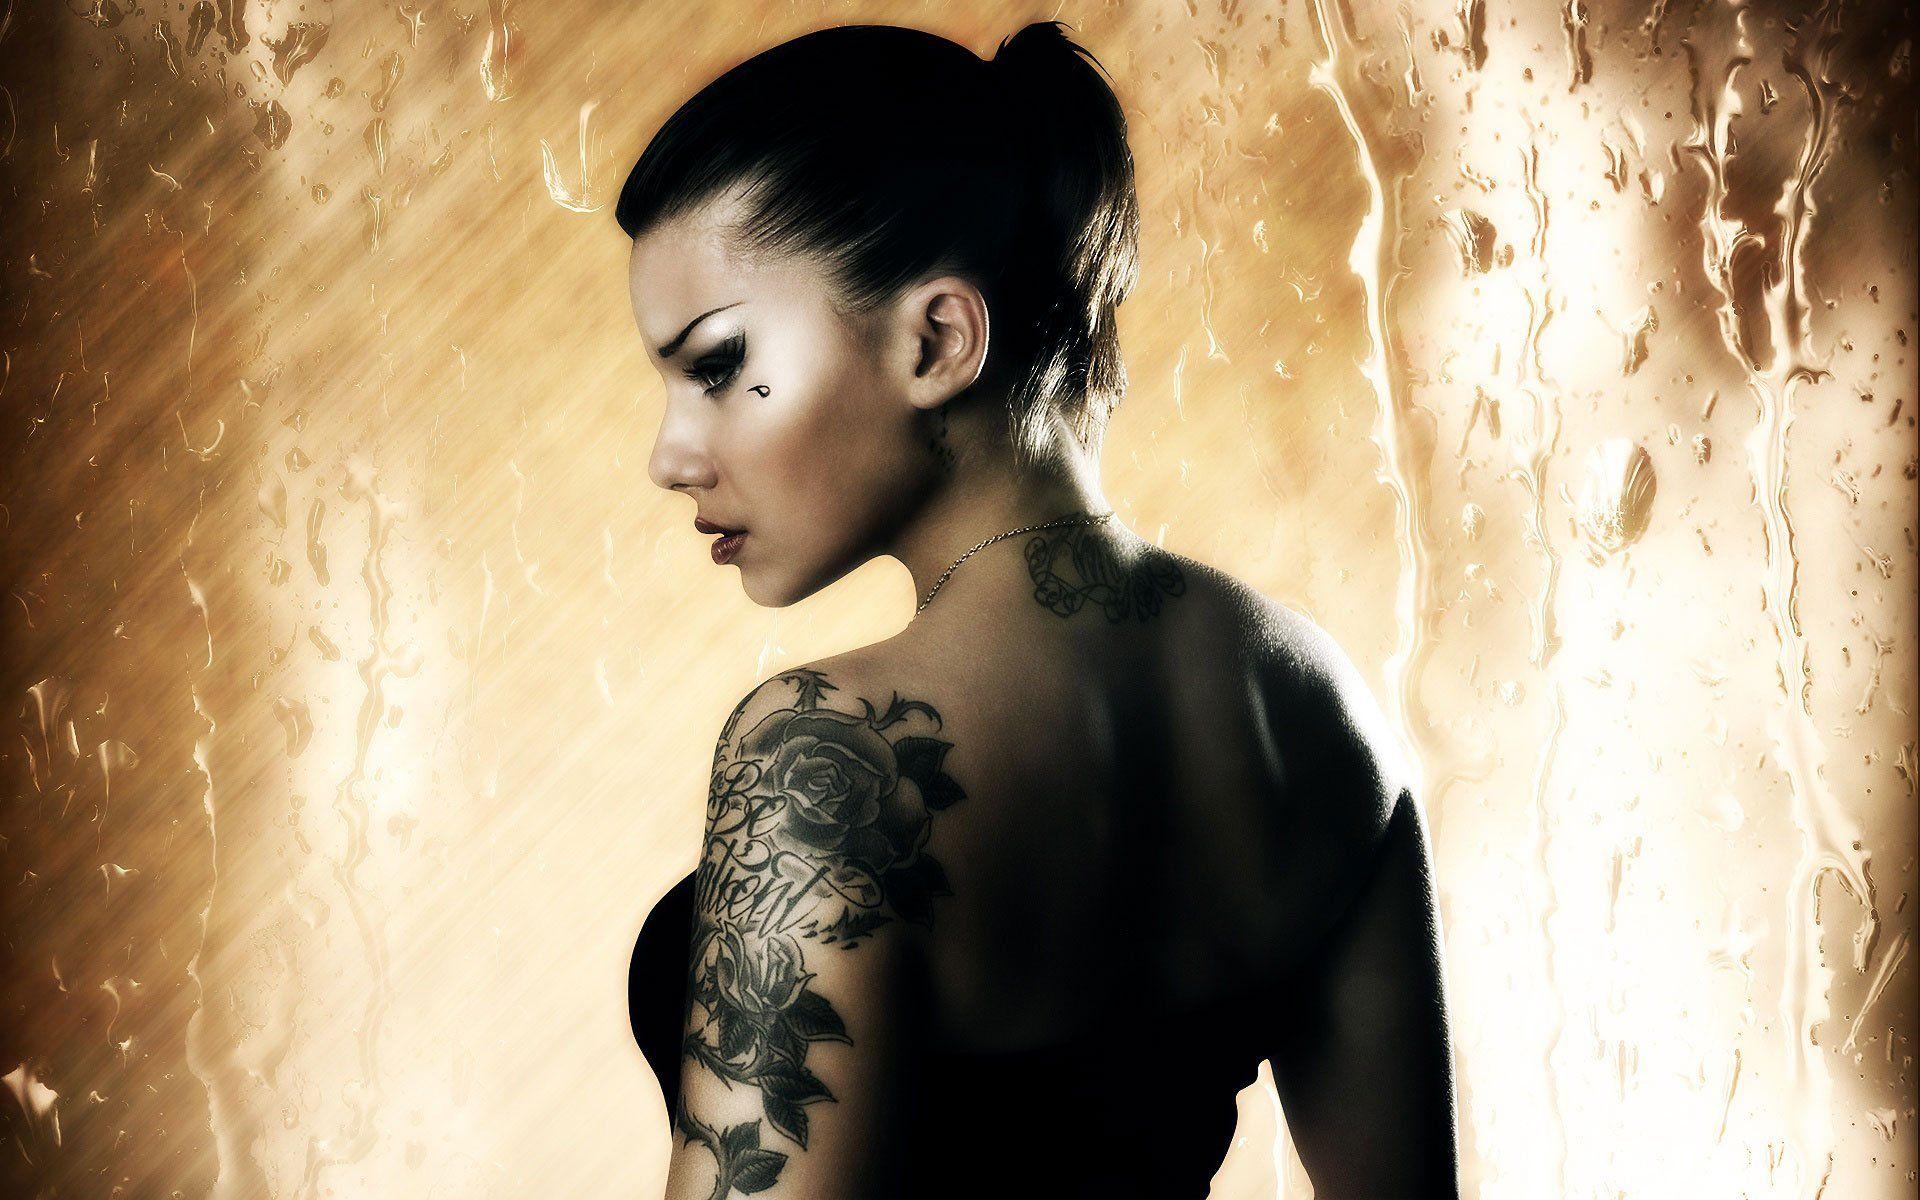 Blonde Girl Tattoos HD desktop wallpaper High Definition